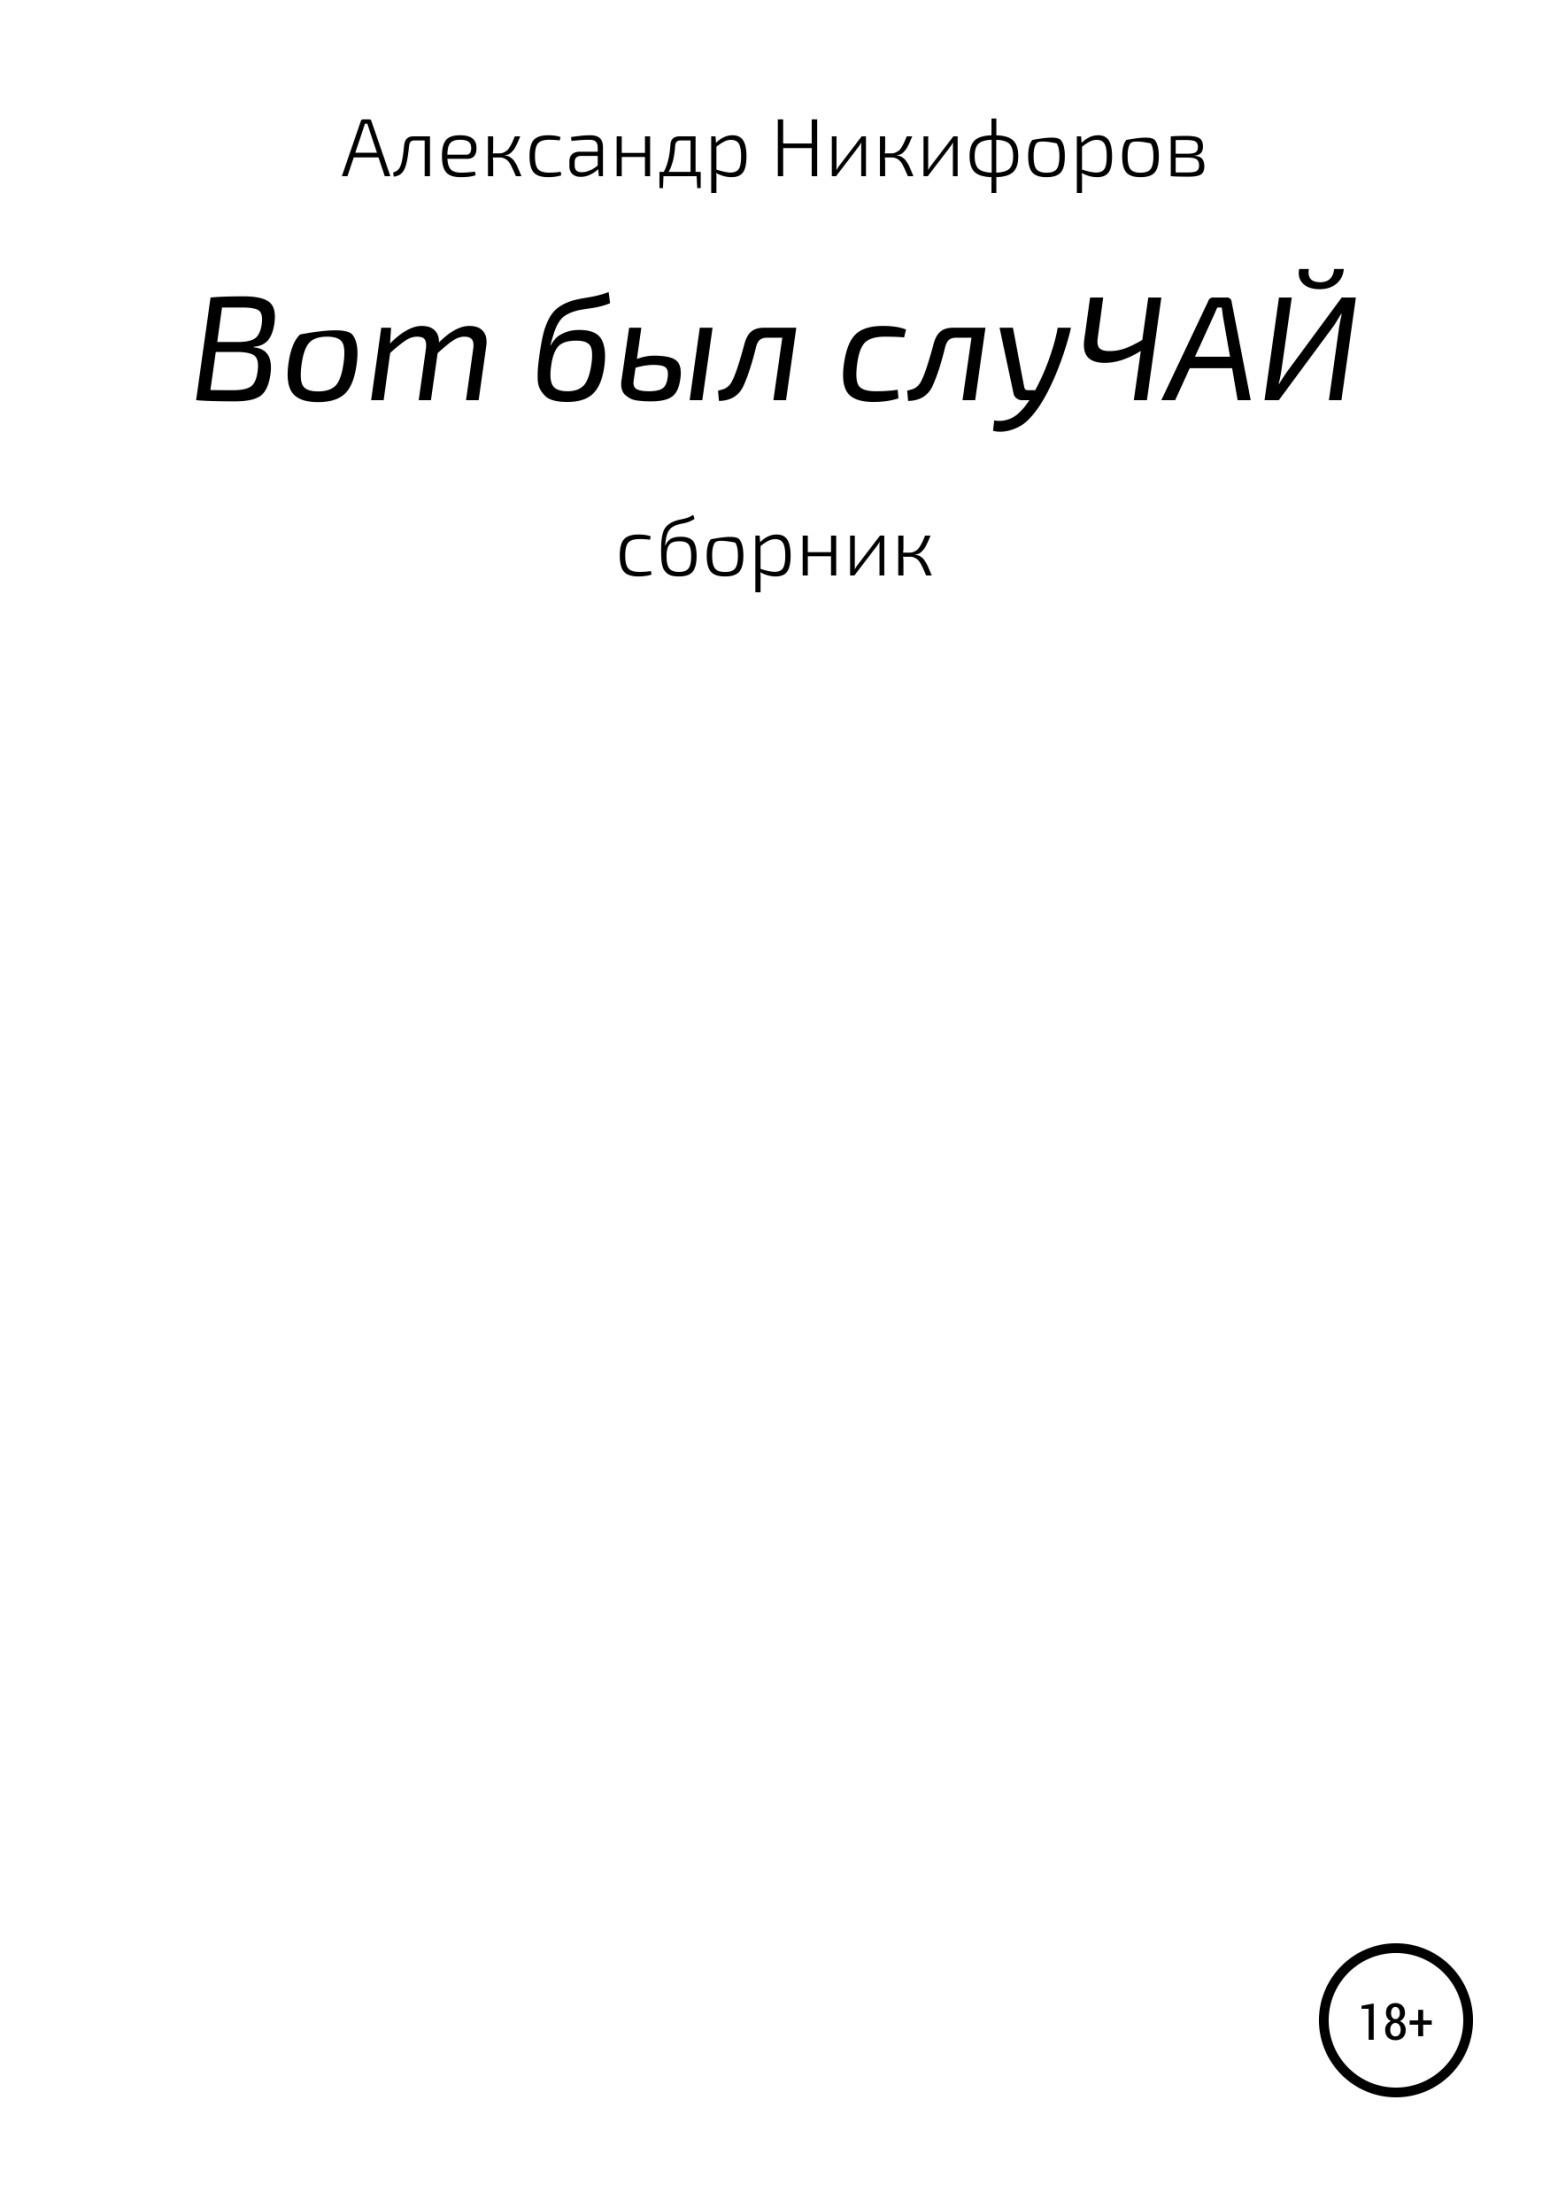 Александр Евгеньевич Никифоров Вот был слуЧАЙ. Сборник рассказов цены онлайн